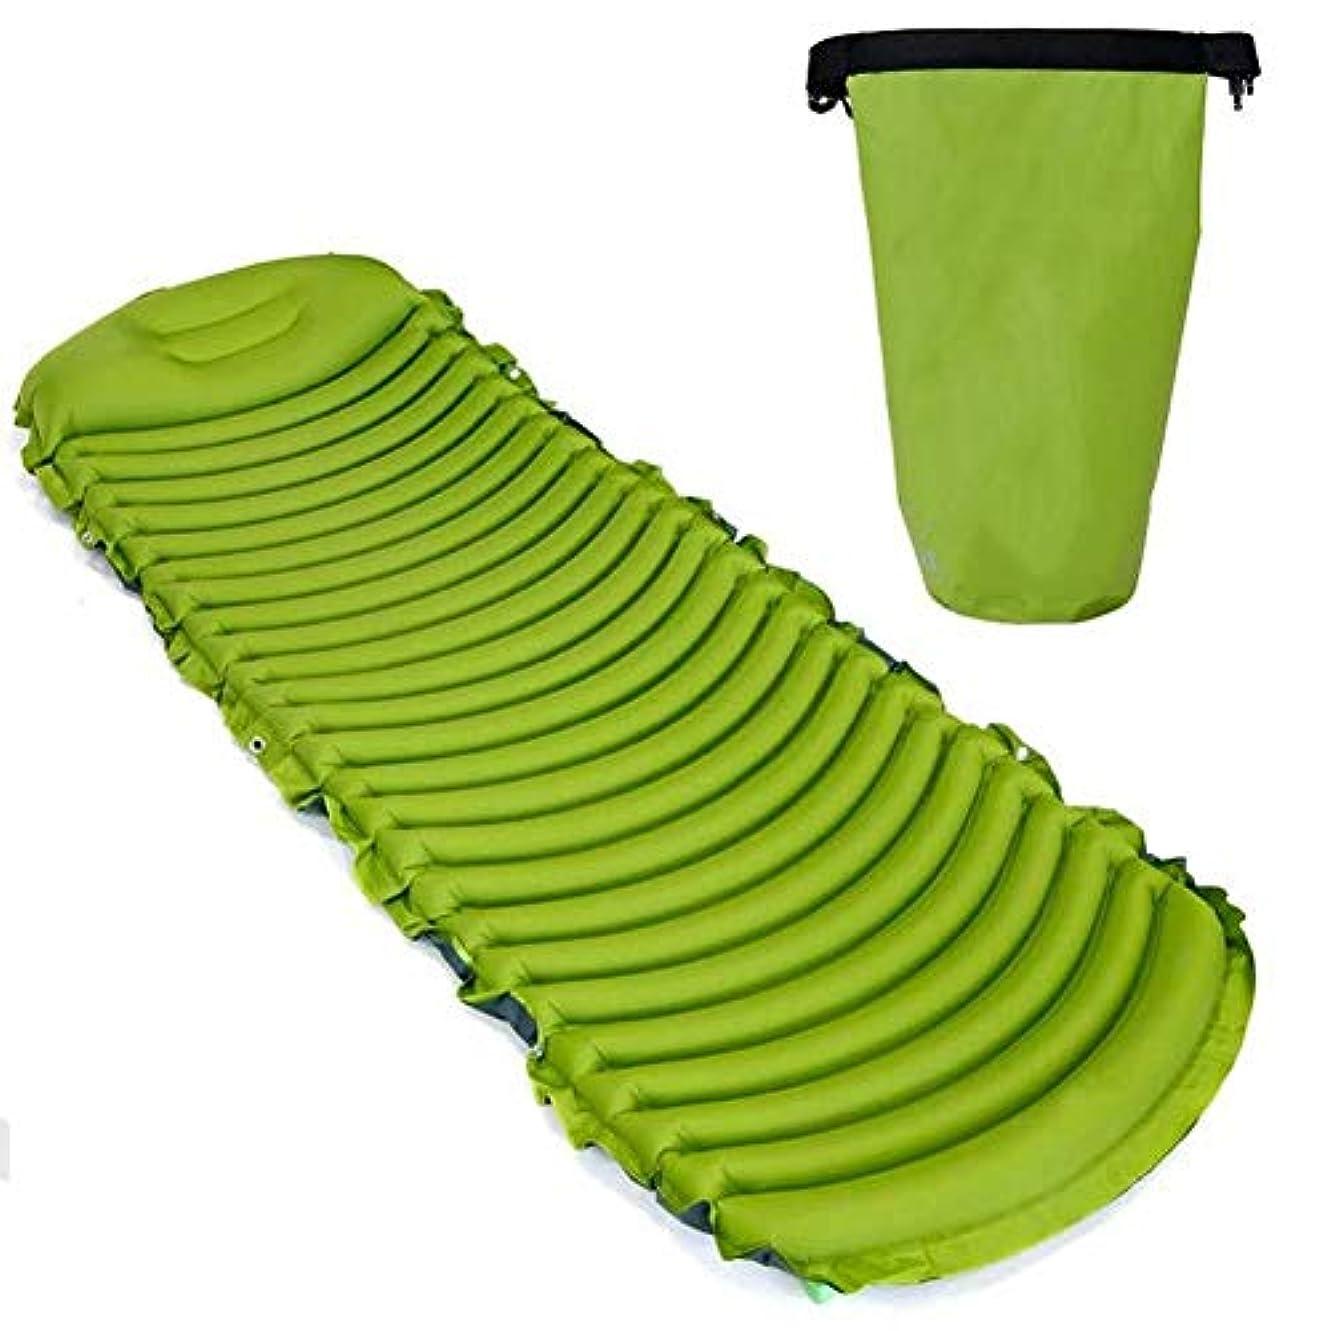 通信網暗唱する静脈インフレータブルスリーピングマット、キャンプマットインフレータブルマットレス防水エアマット枕超軽量インフレータブルパッド用屋外テント (色 : 緑, サイズ さいず : L l)